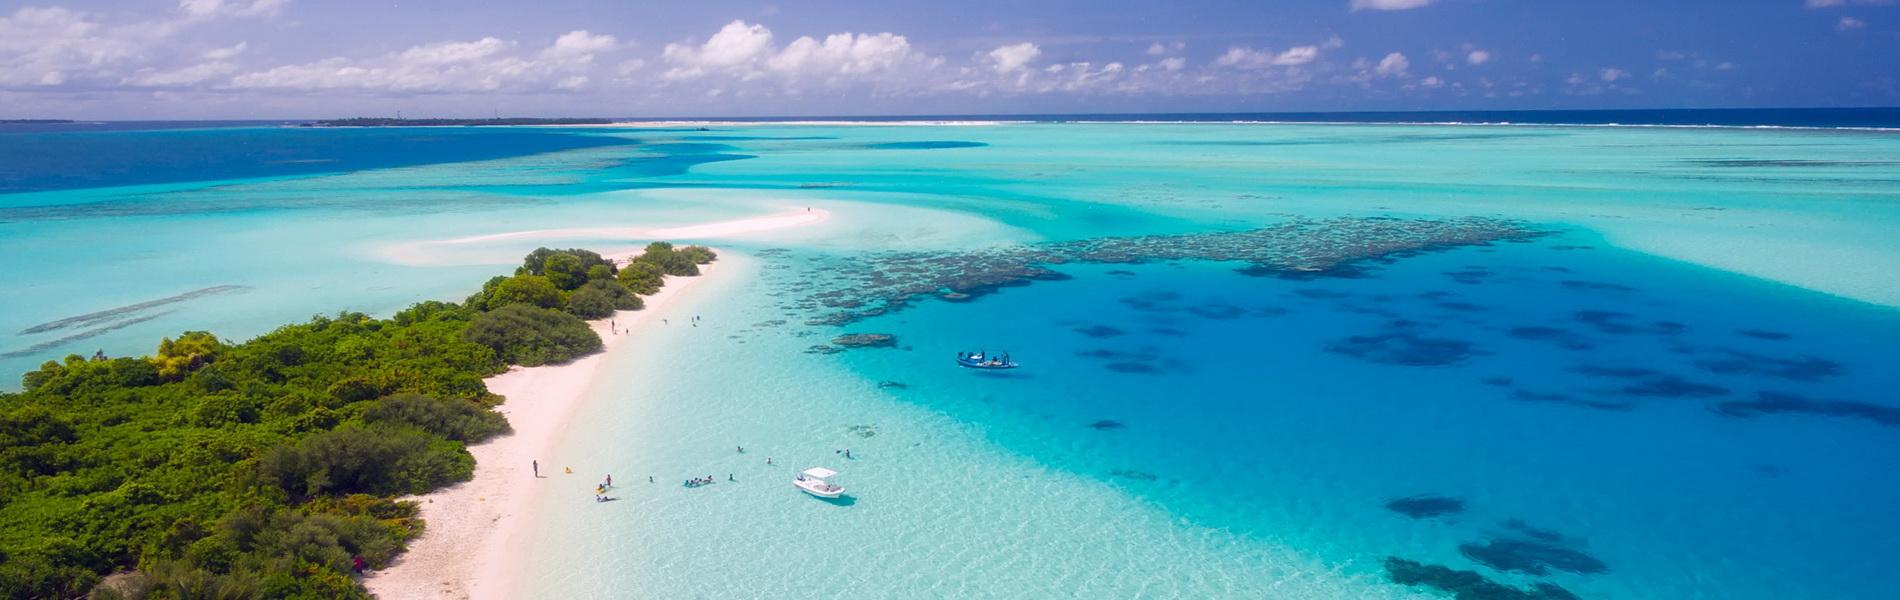 Baros und Hideaway Beach, Malediven